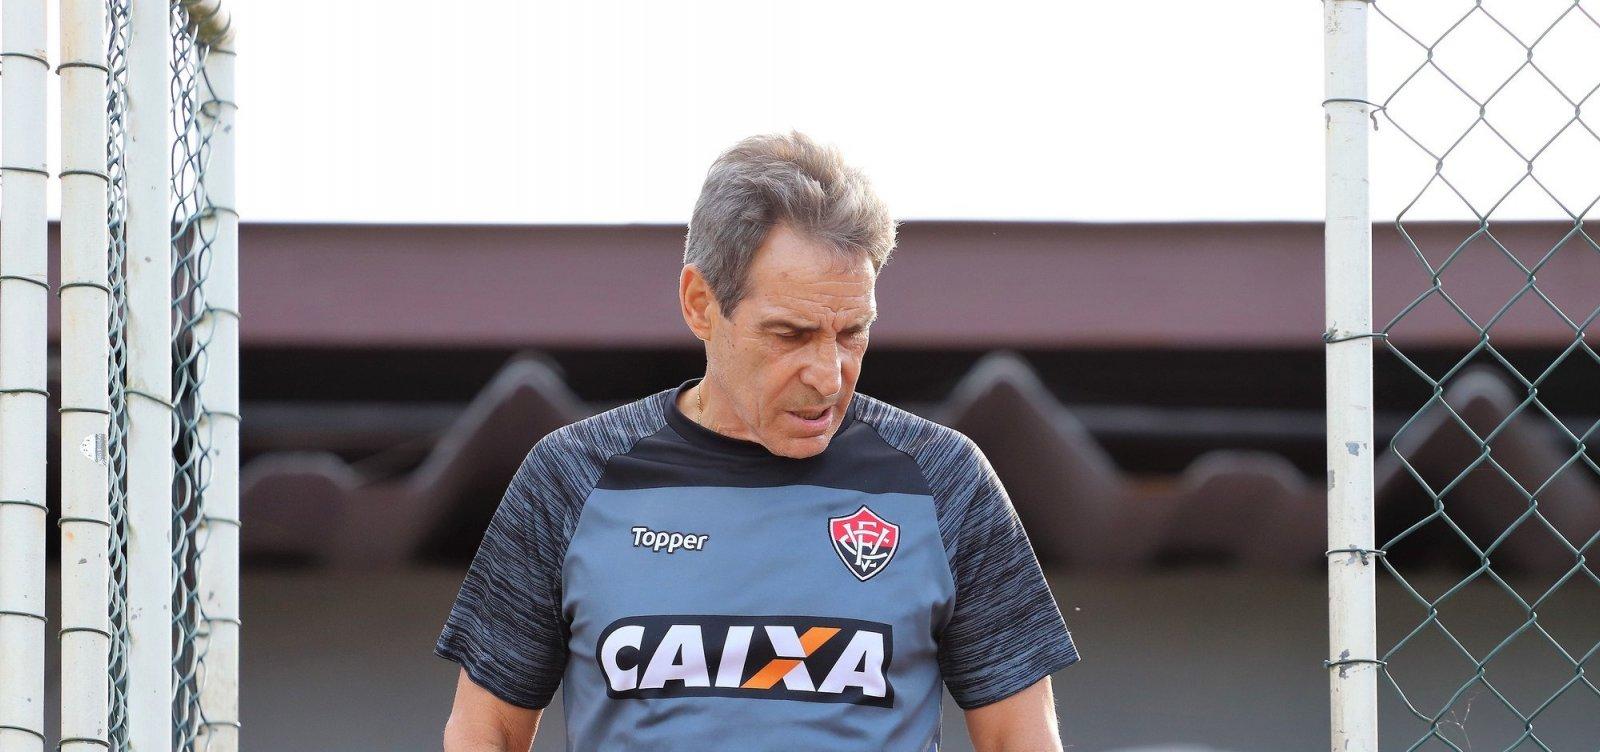 [Carpegiani lamenta falta de opções no Vitória: 'Temos que buscar soluções']